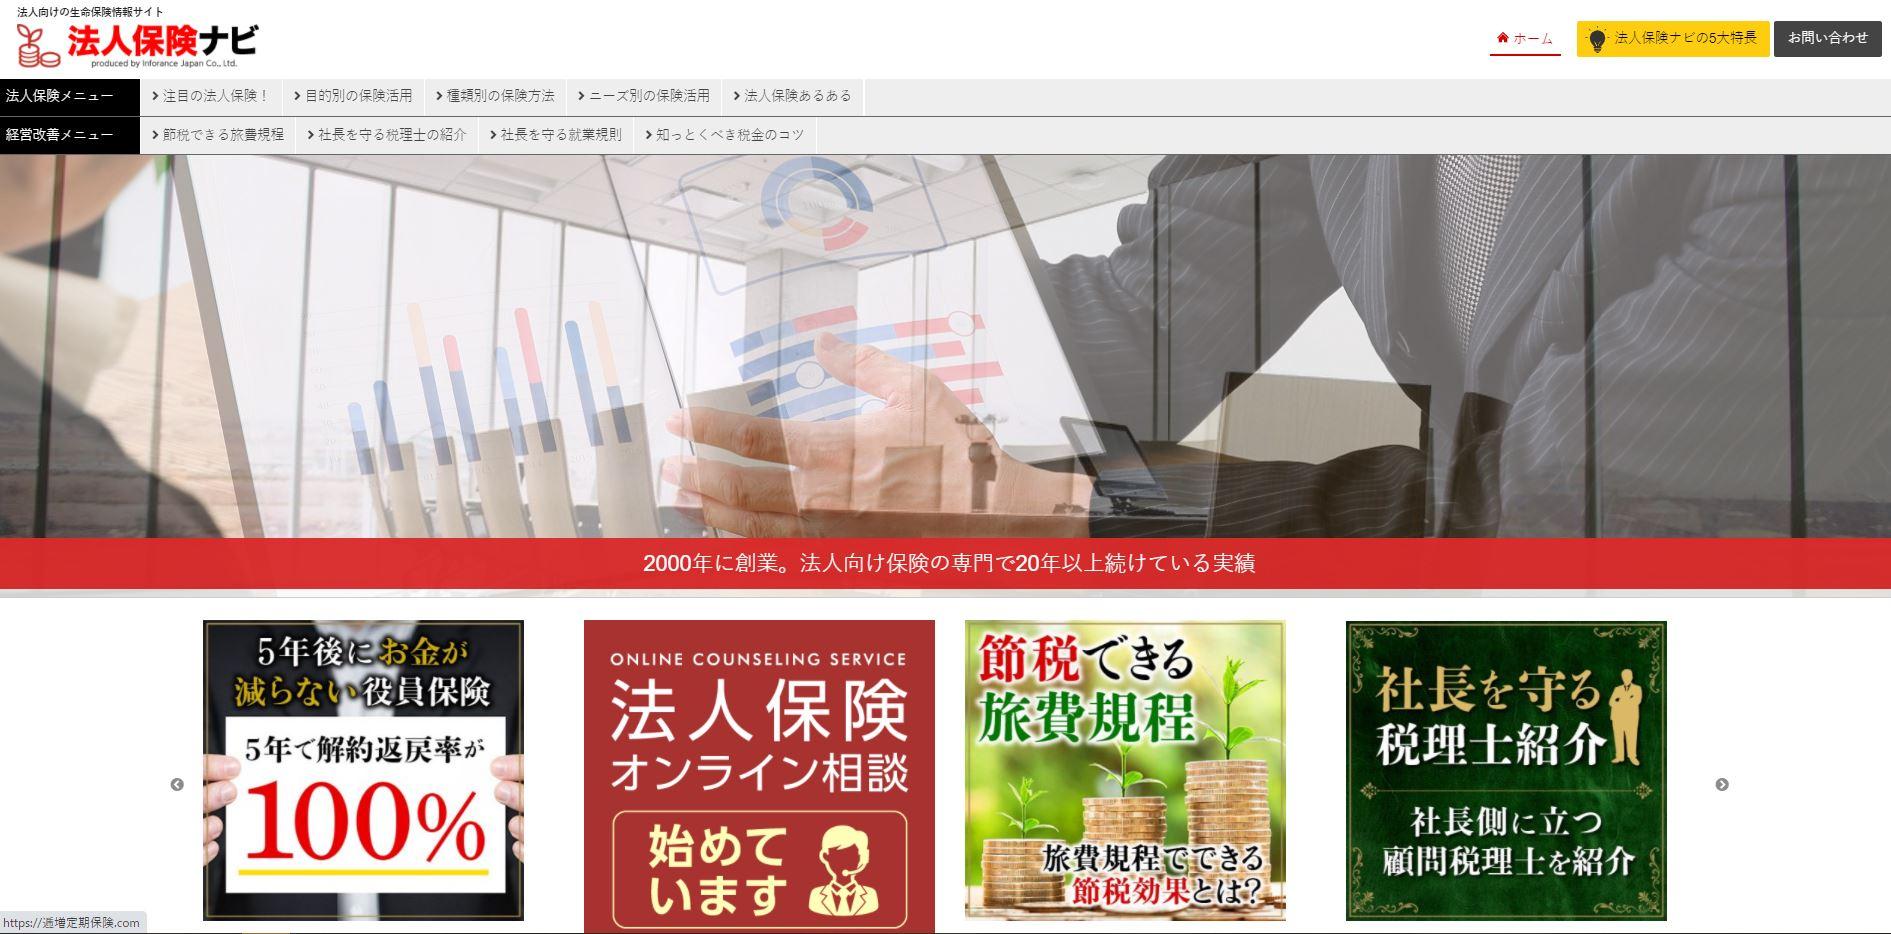 法人保険ナビウェブサイト